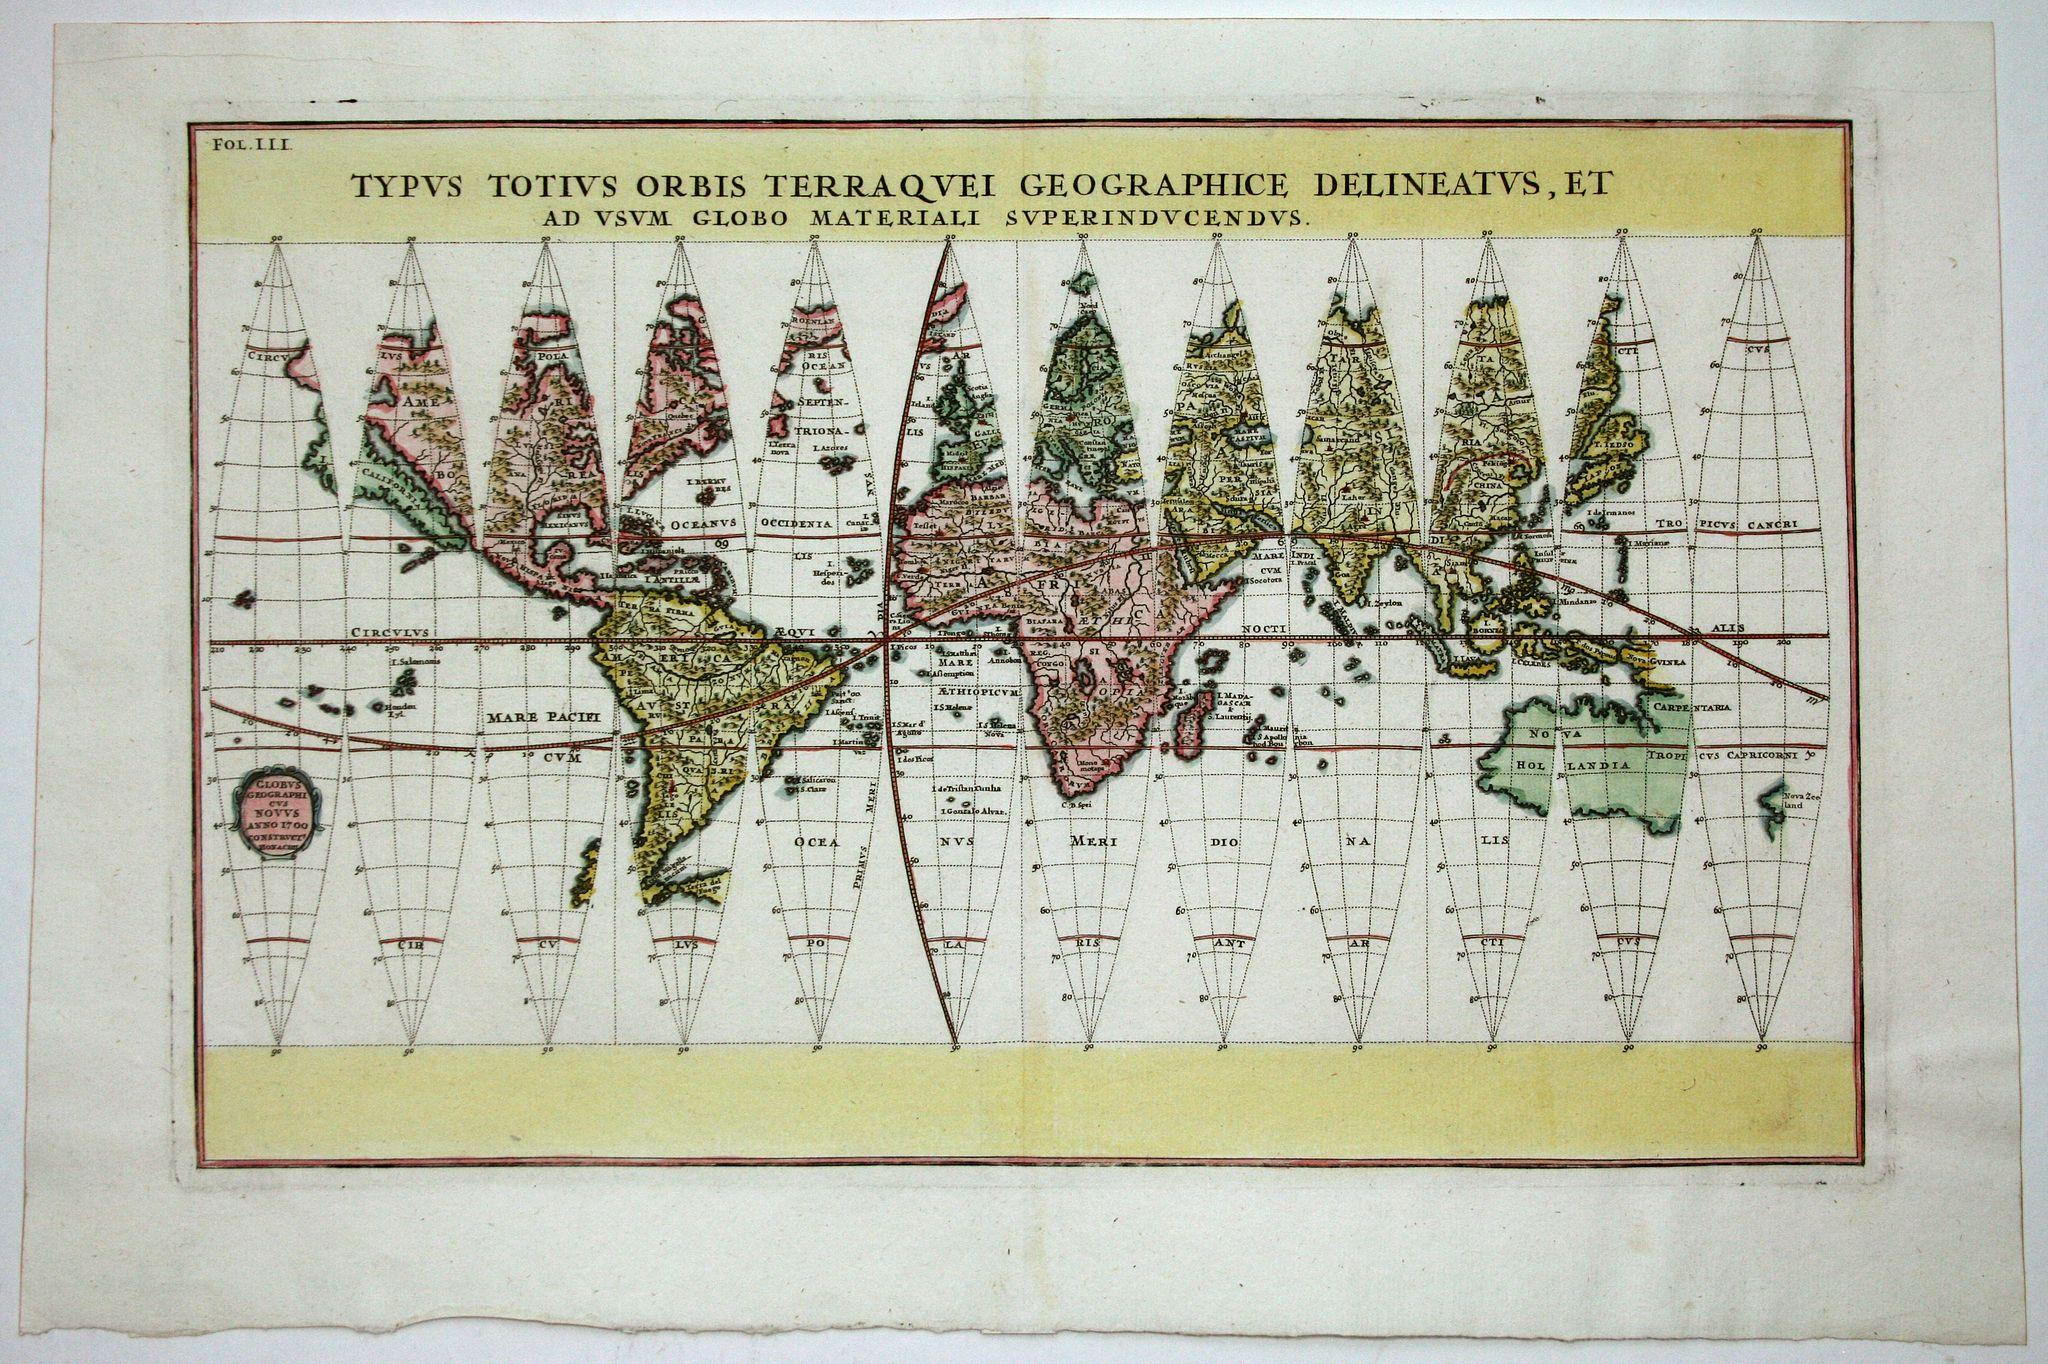 SCHERER,H. - Typus Totius Orbis Terraquei Geographice Delineatus.